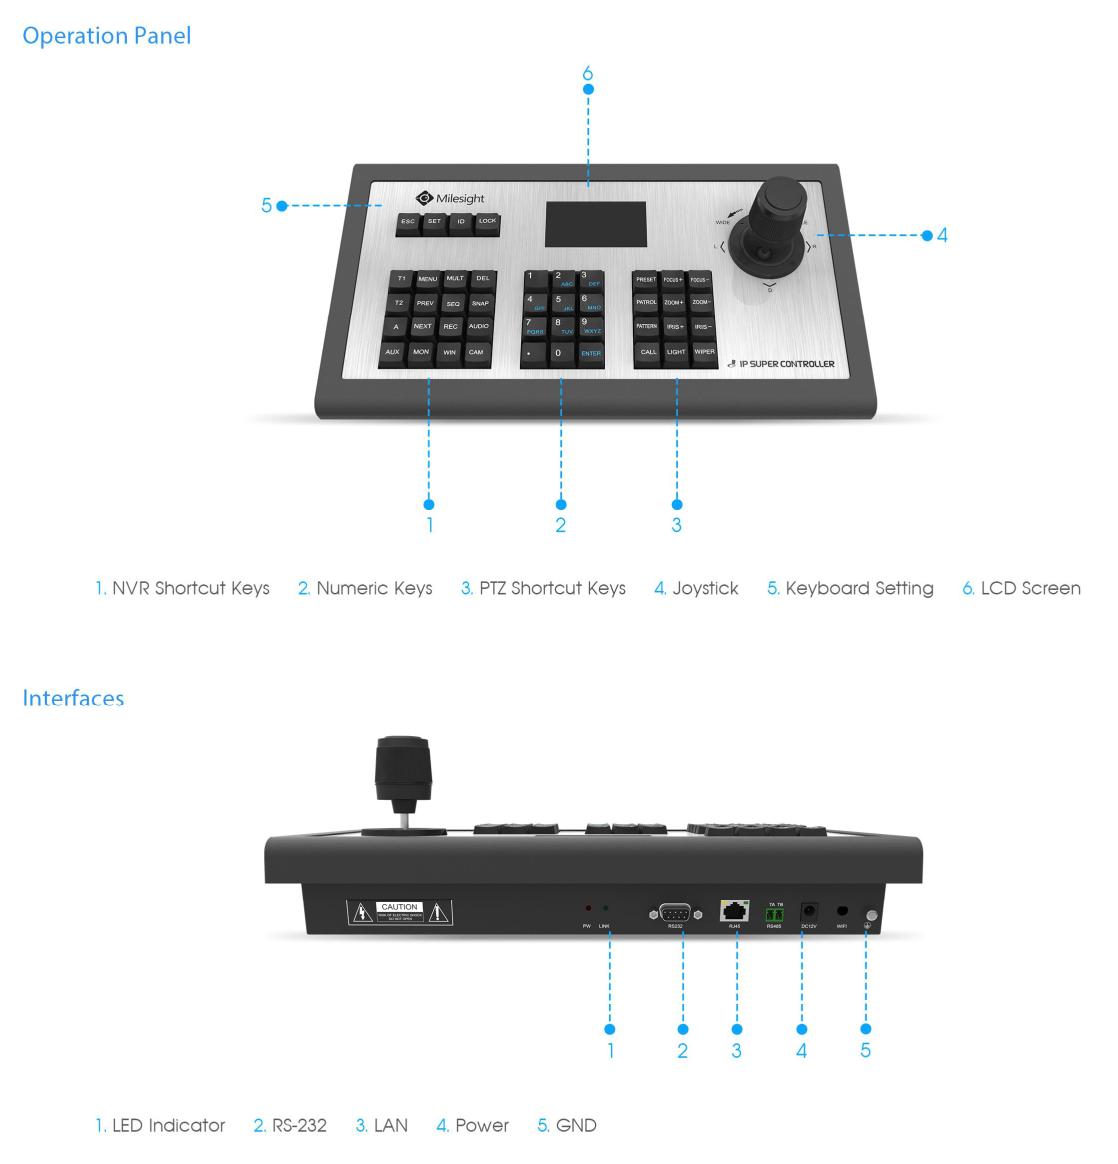 Milesight Keyboard